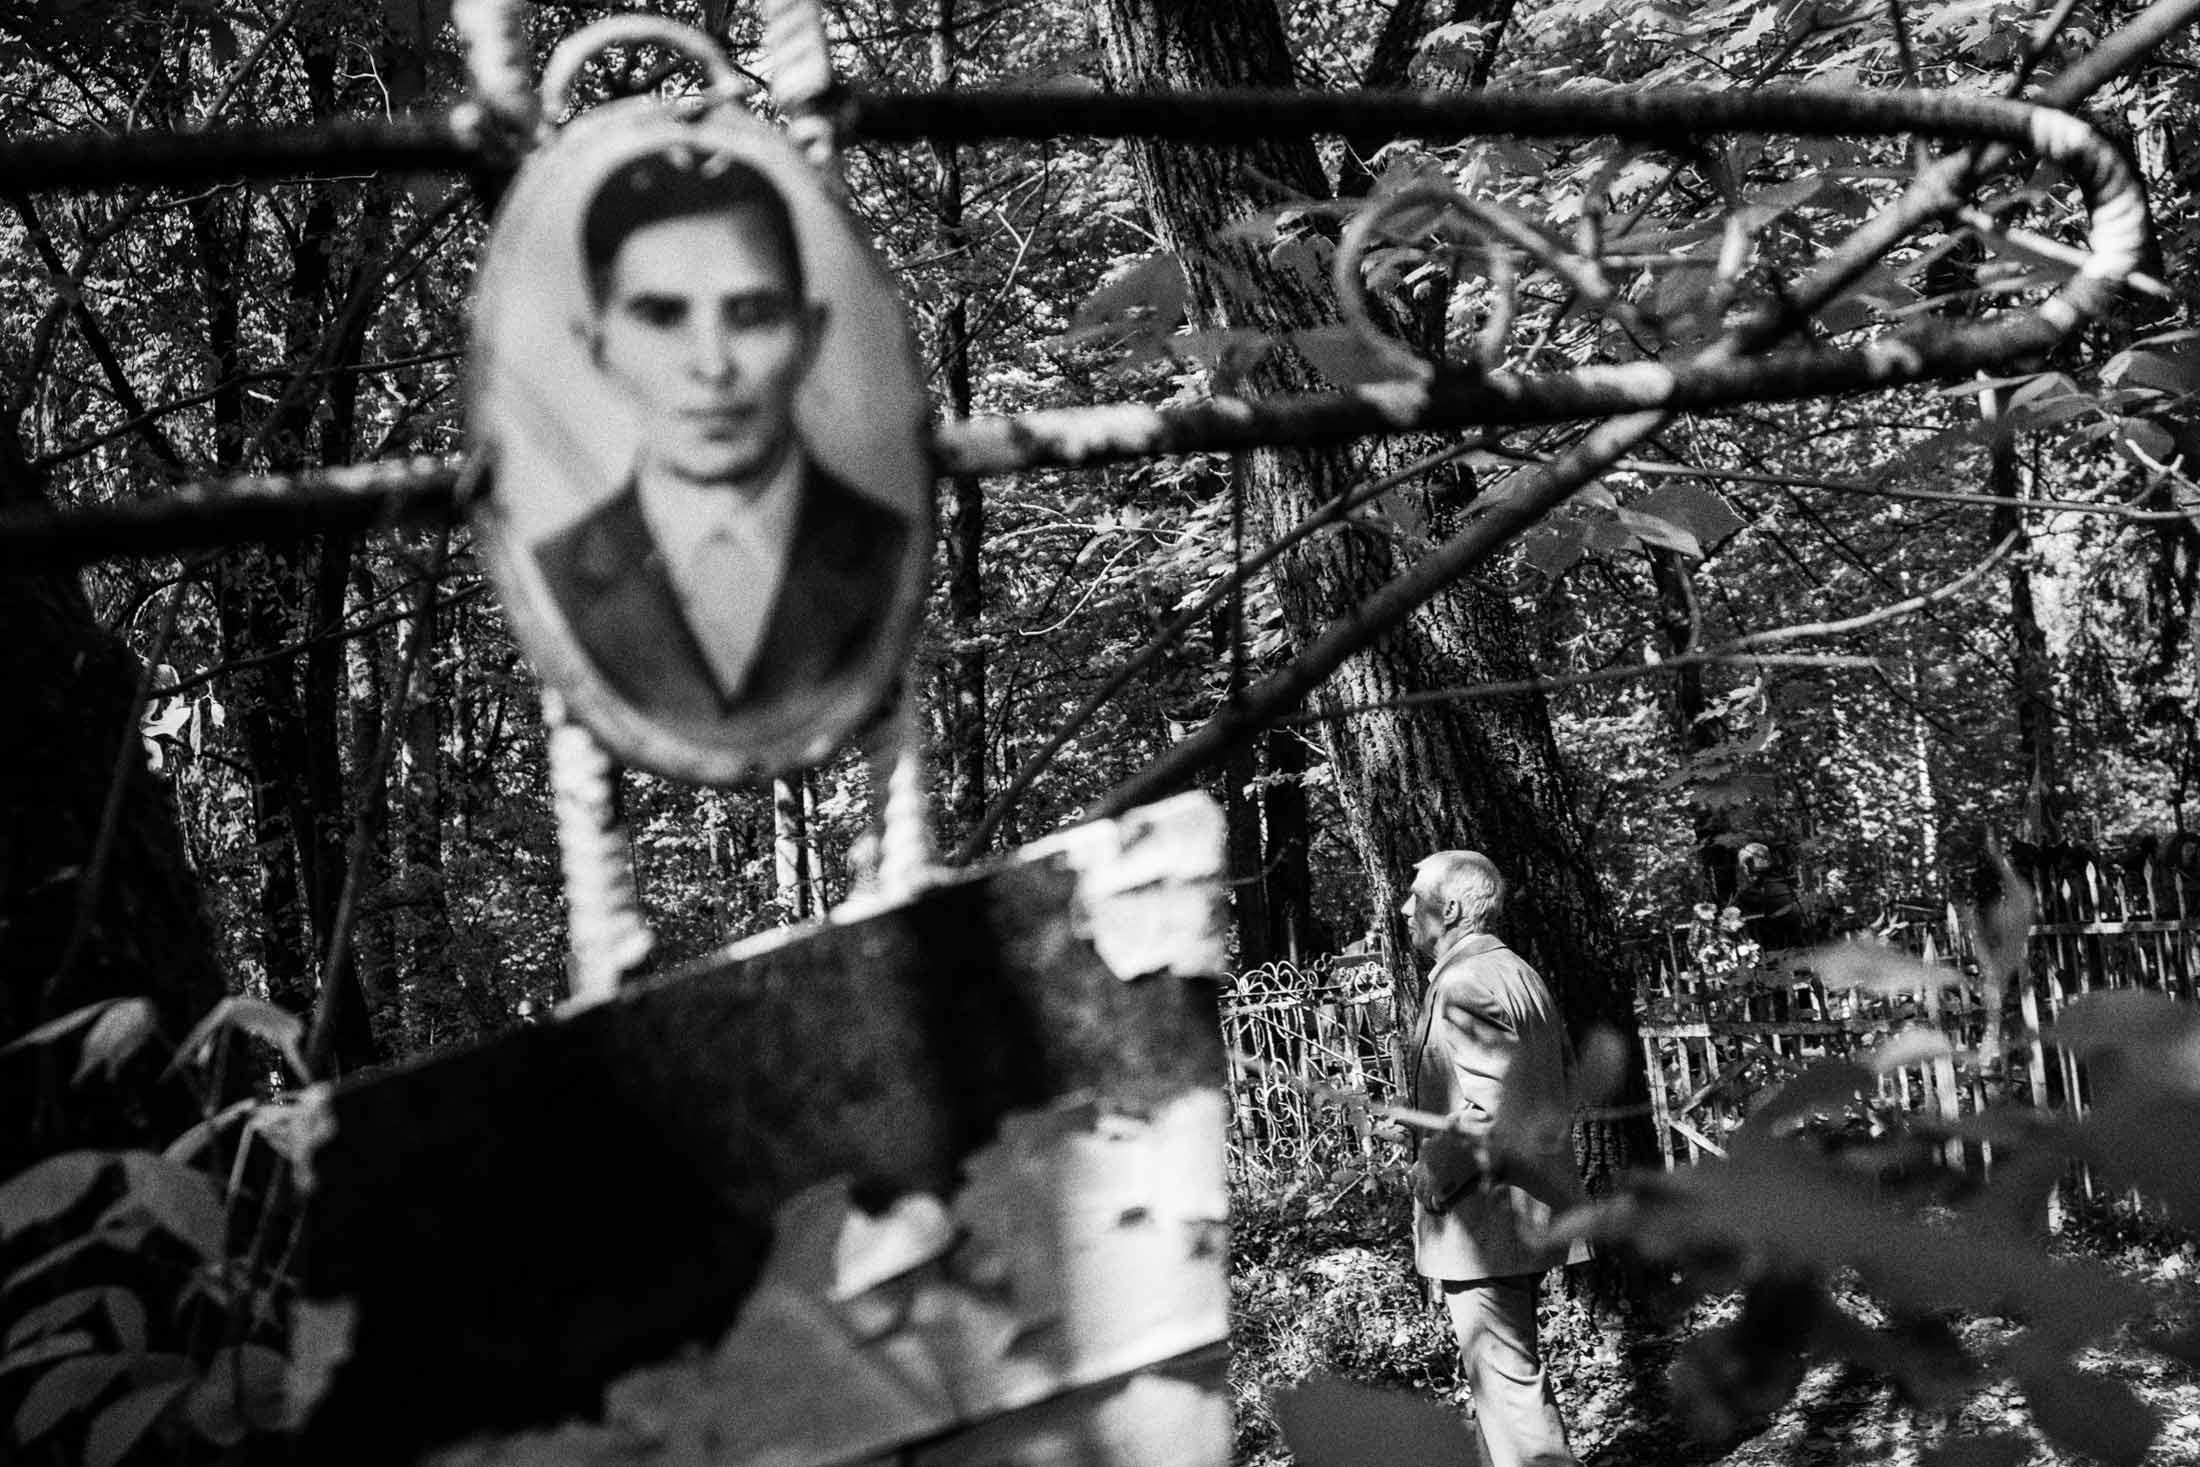 lomakin a1 07 - <b>Повернення до Прип'яті.</b> Андрій Ломакін і його «Візитери» в «Рівні цензури» - Заборона